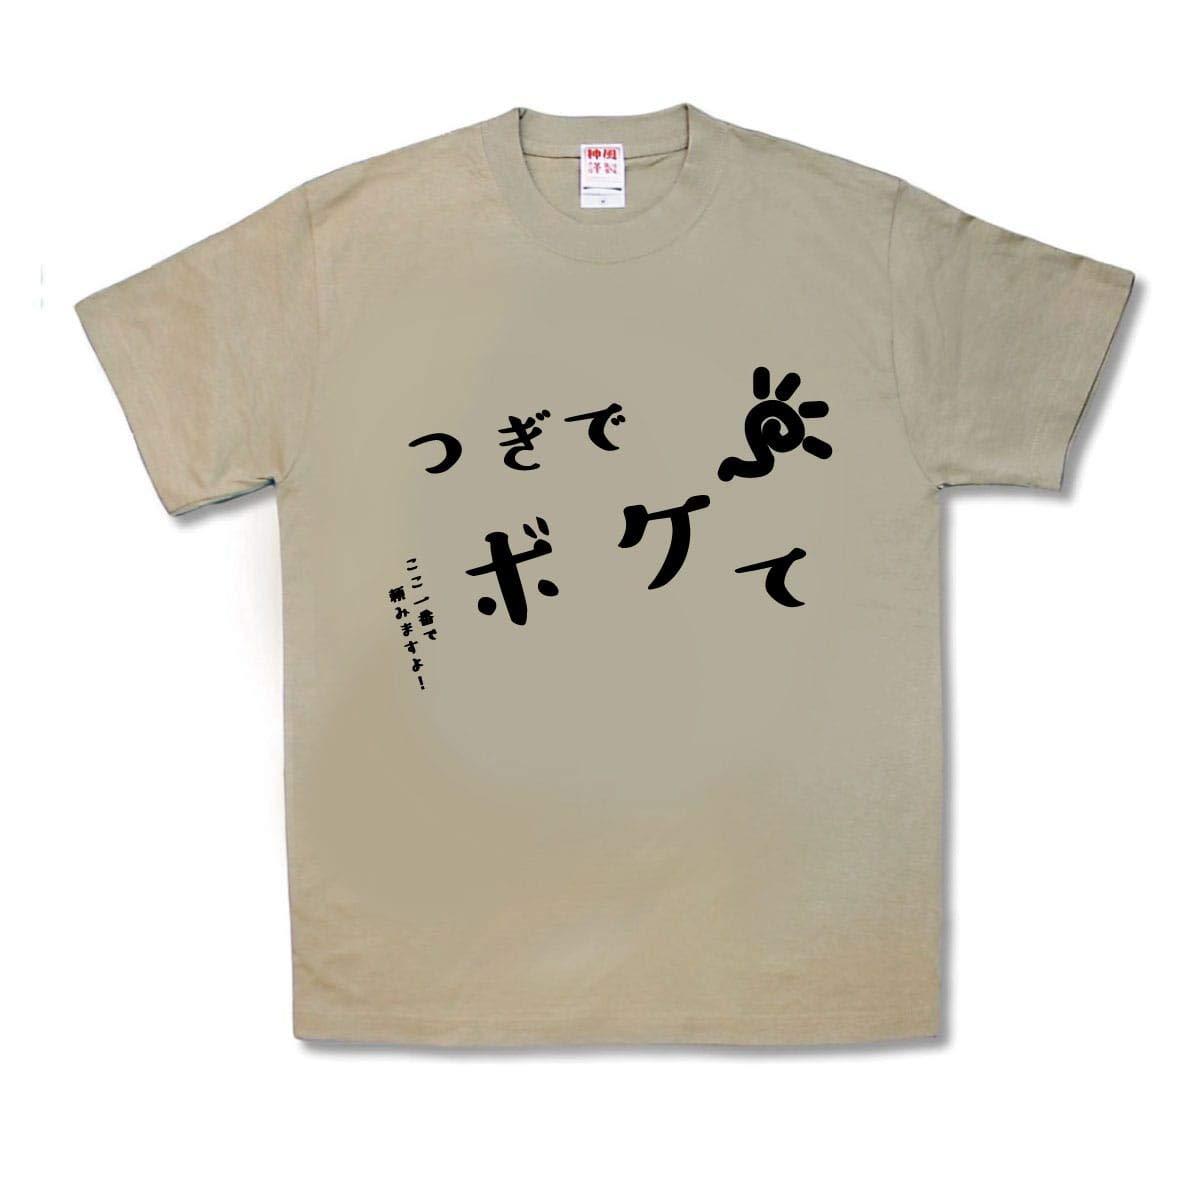 お求めやすく価格改定 おもしろTシャツ ボケて 人気ブランド